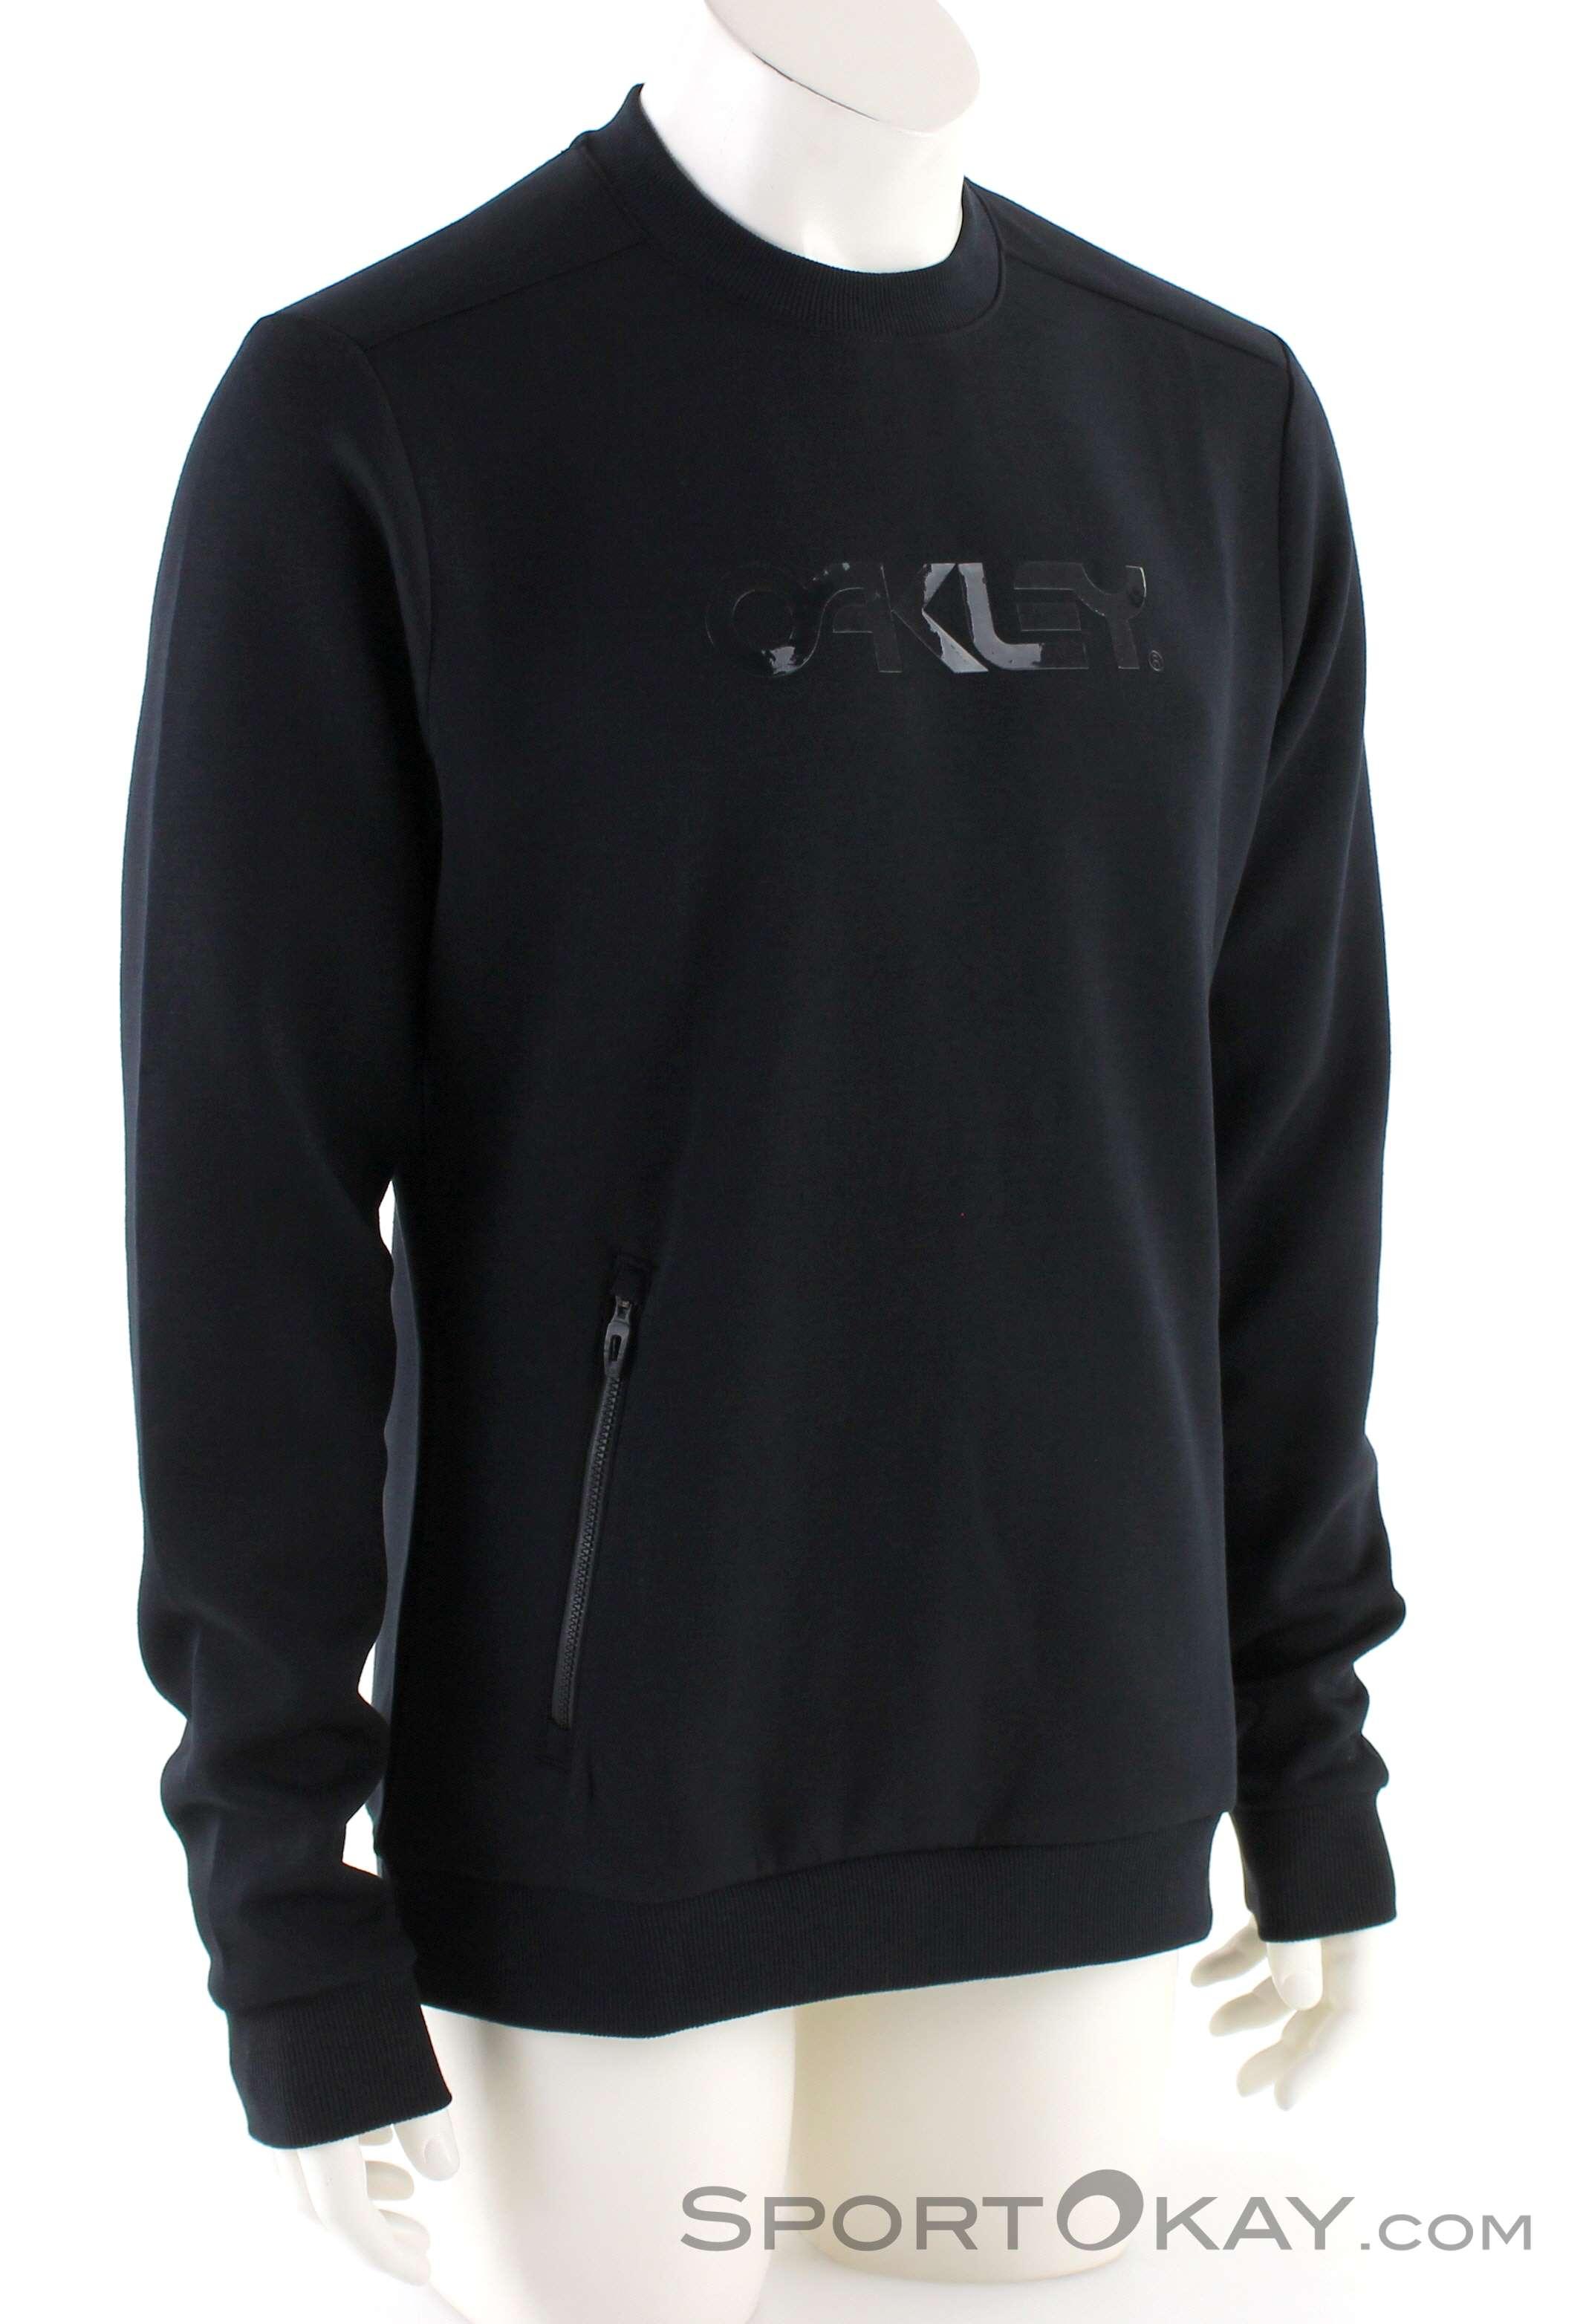 721c3d5be2 Oakley Crewneck Scuba Herren Sweater, Oakley, Black, , Male, 0064-10142